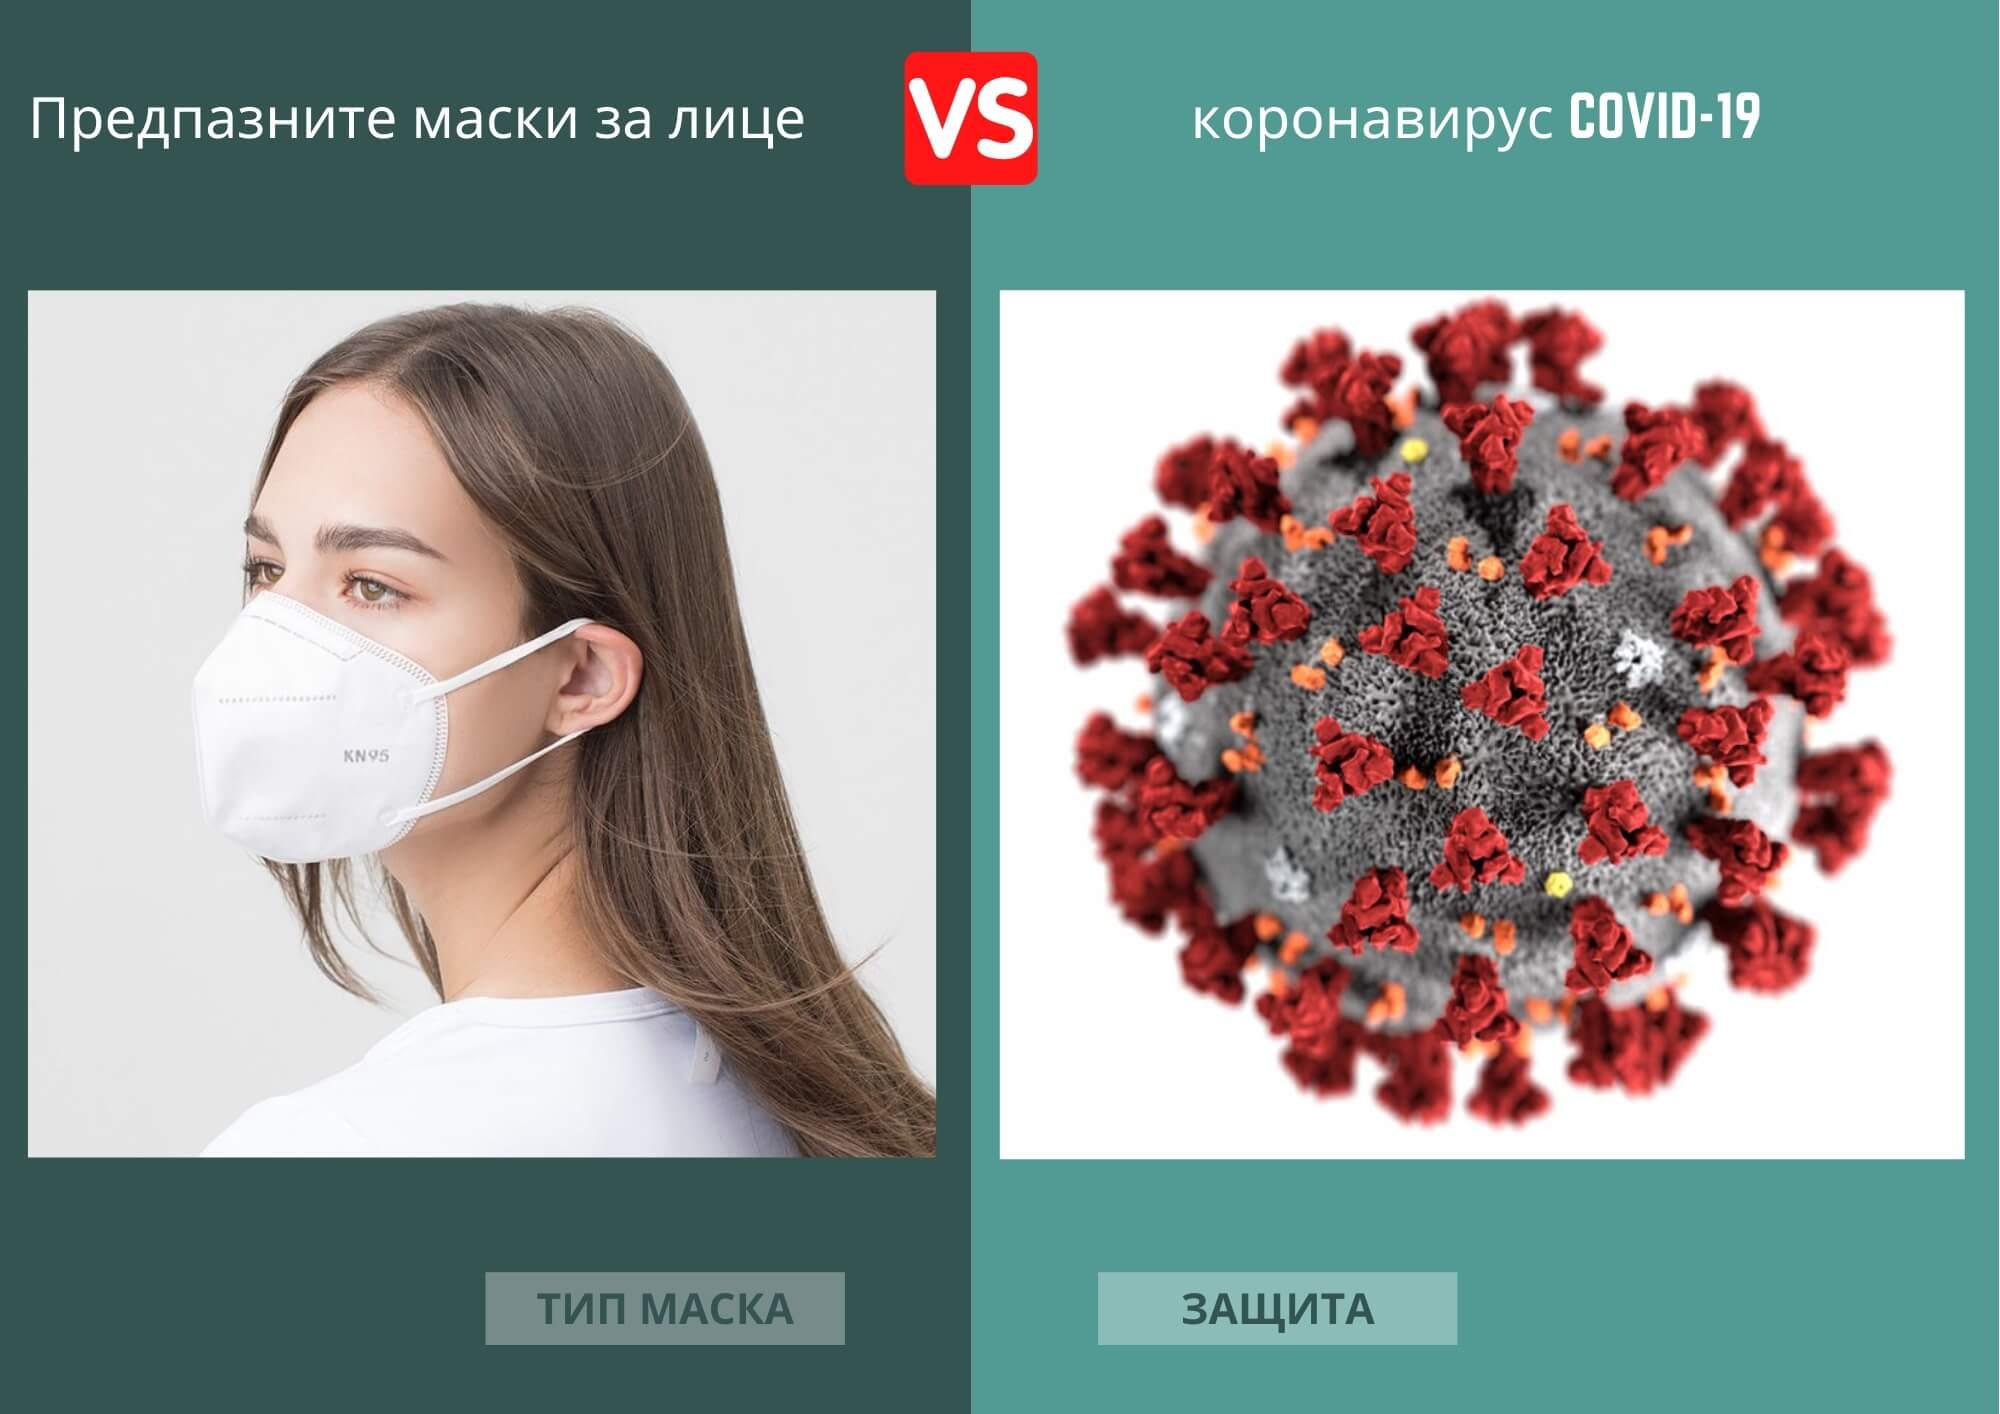 Предпазни маски за лице статия за коронавирус превенция.